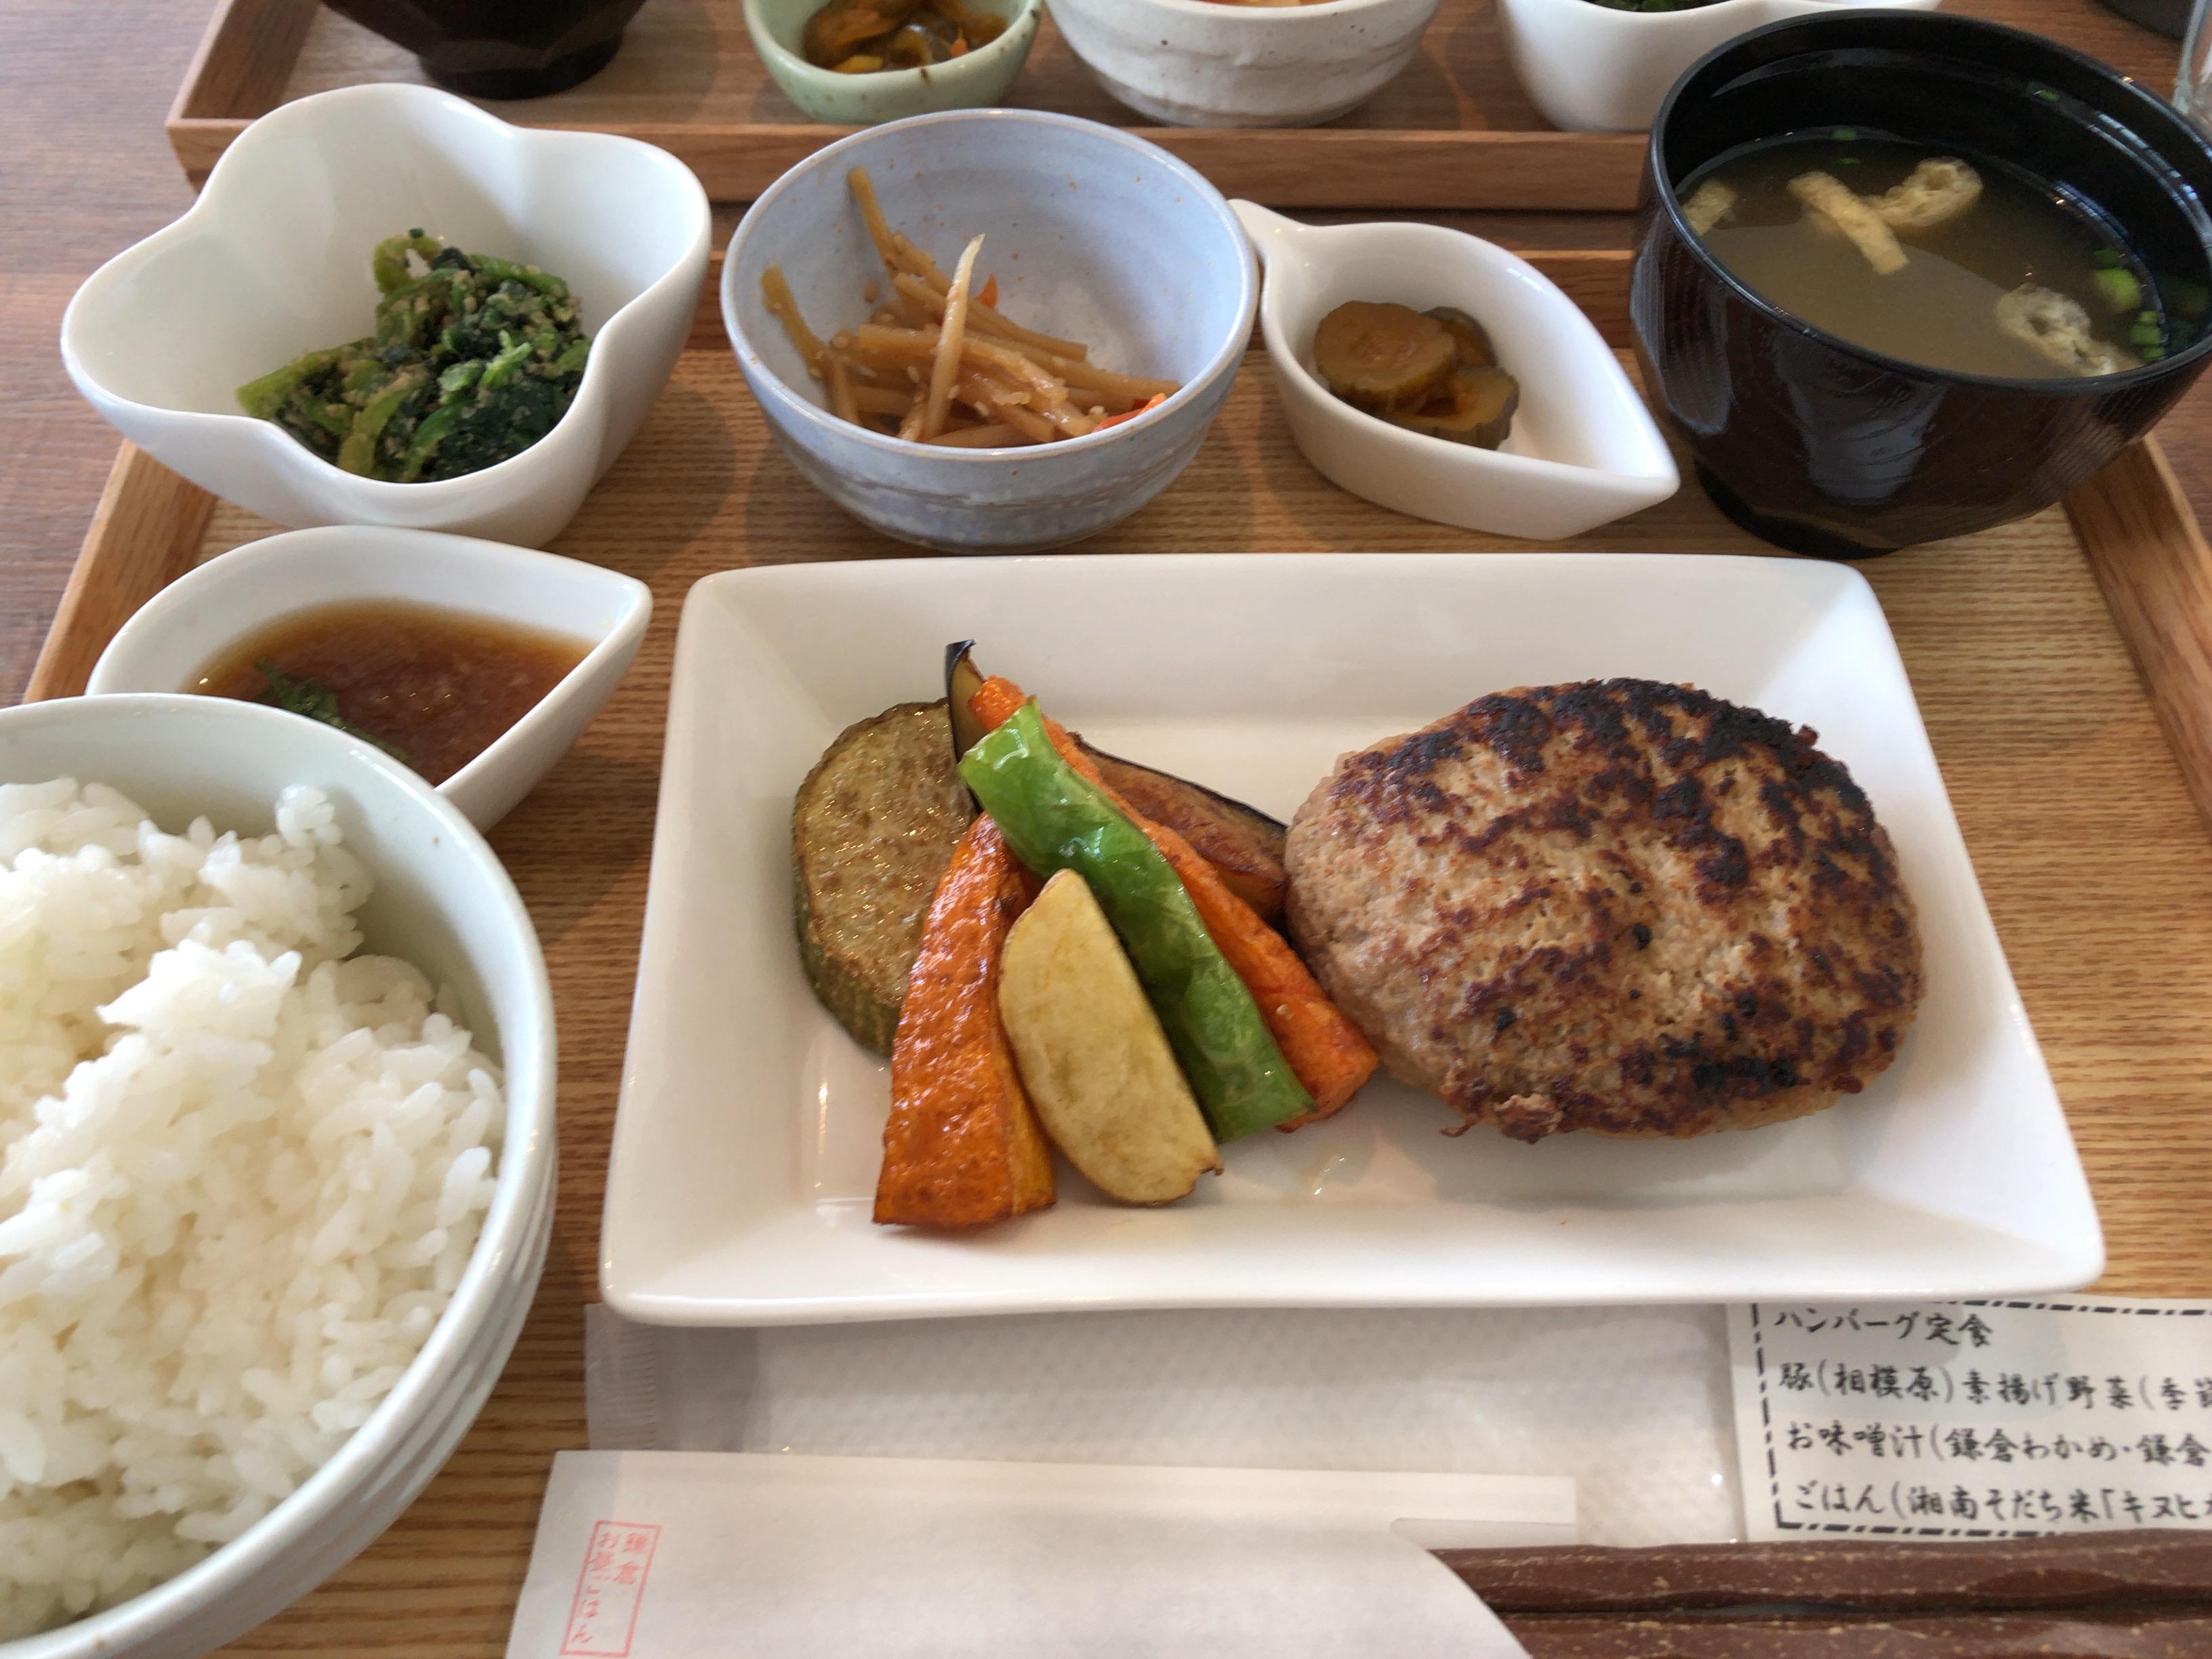 ハンバーグ定食 鎌倉お昼ごはん